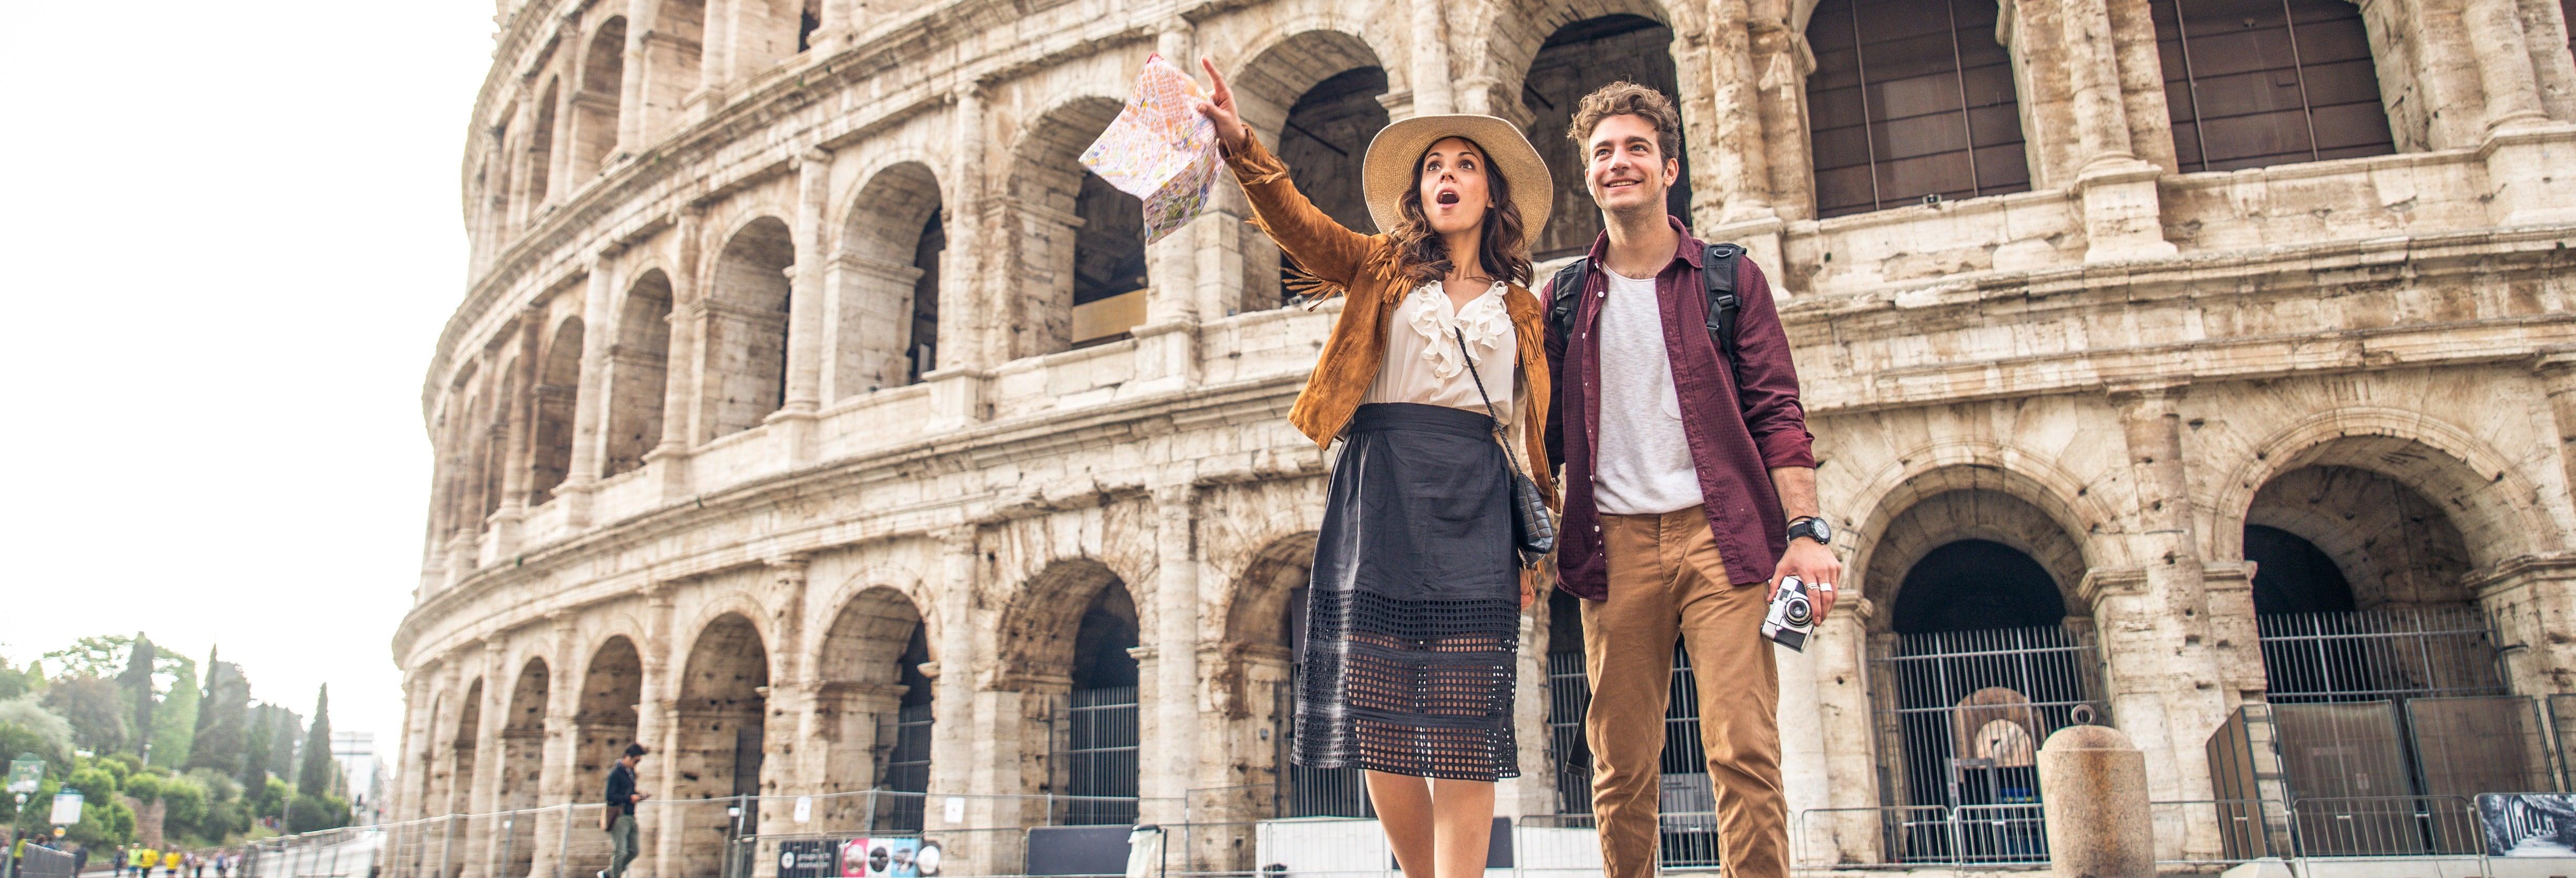 Transfer entre o aeroporto de Fiumicino e Roma